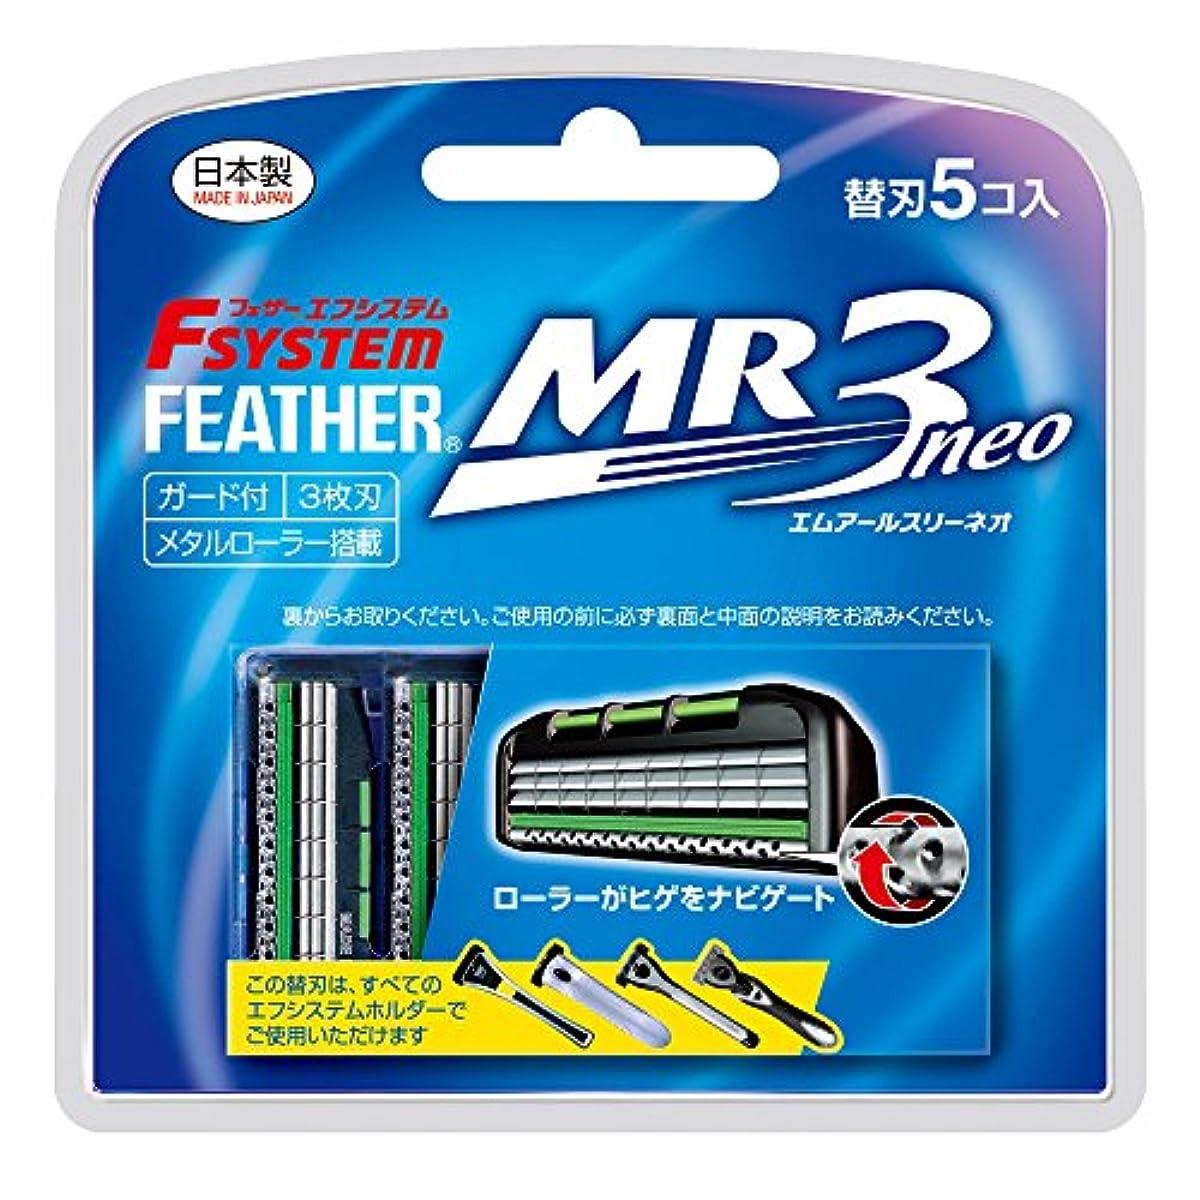 アナロジーギャザー購入フェザー エフシステム 替刃 MR3ネオ 5コ入